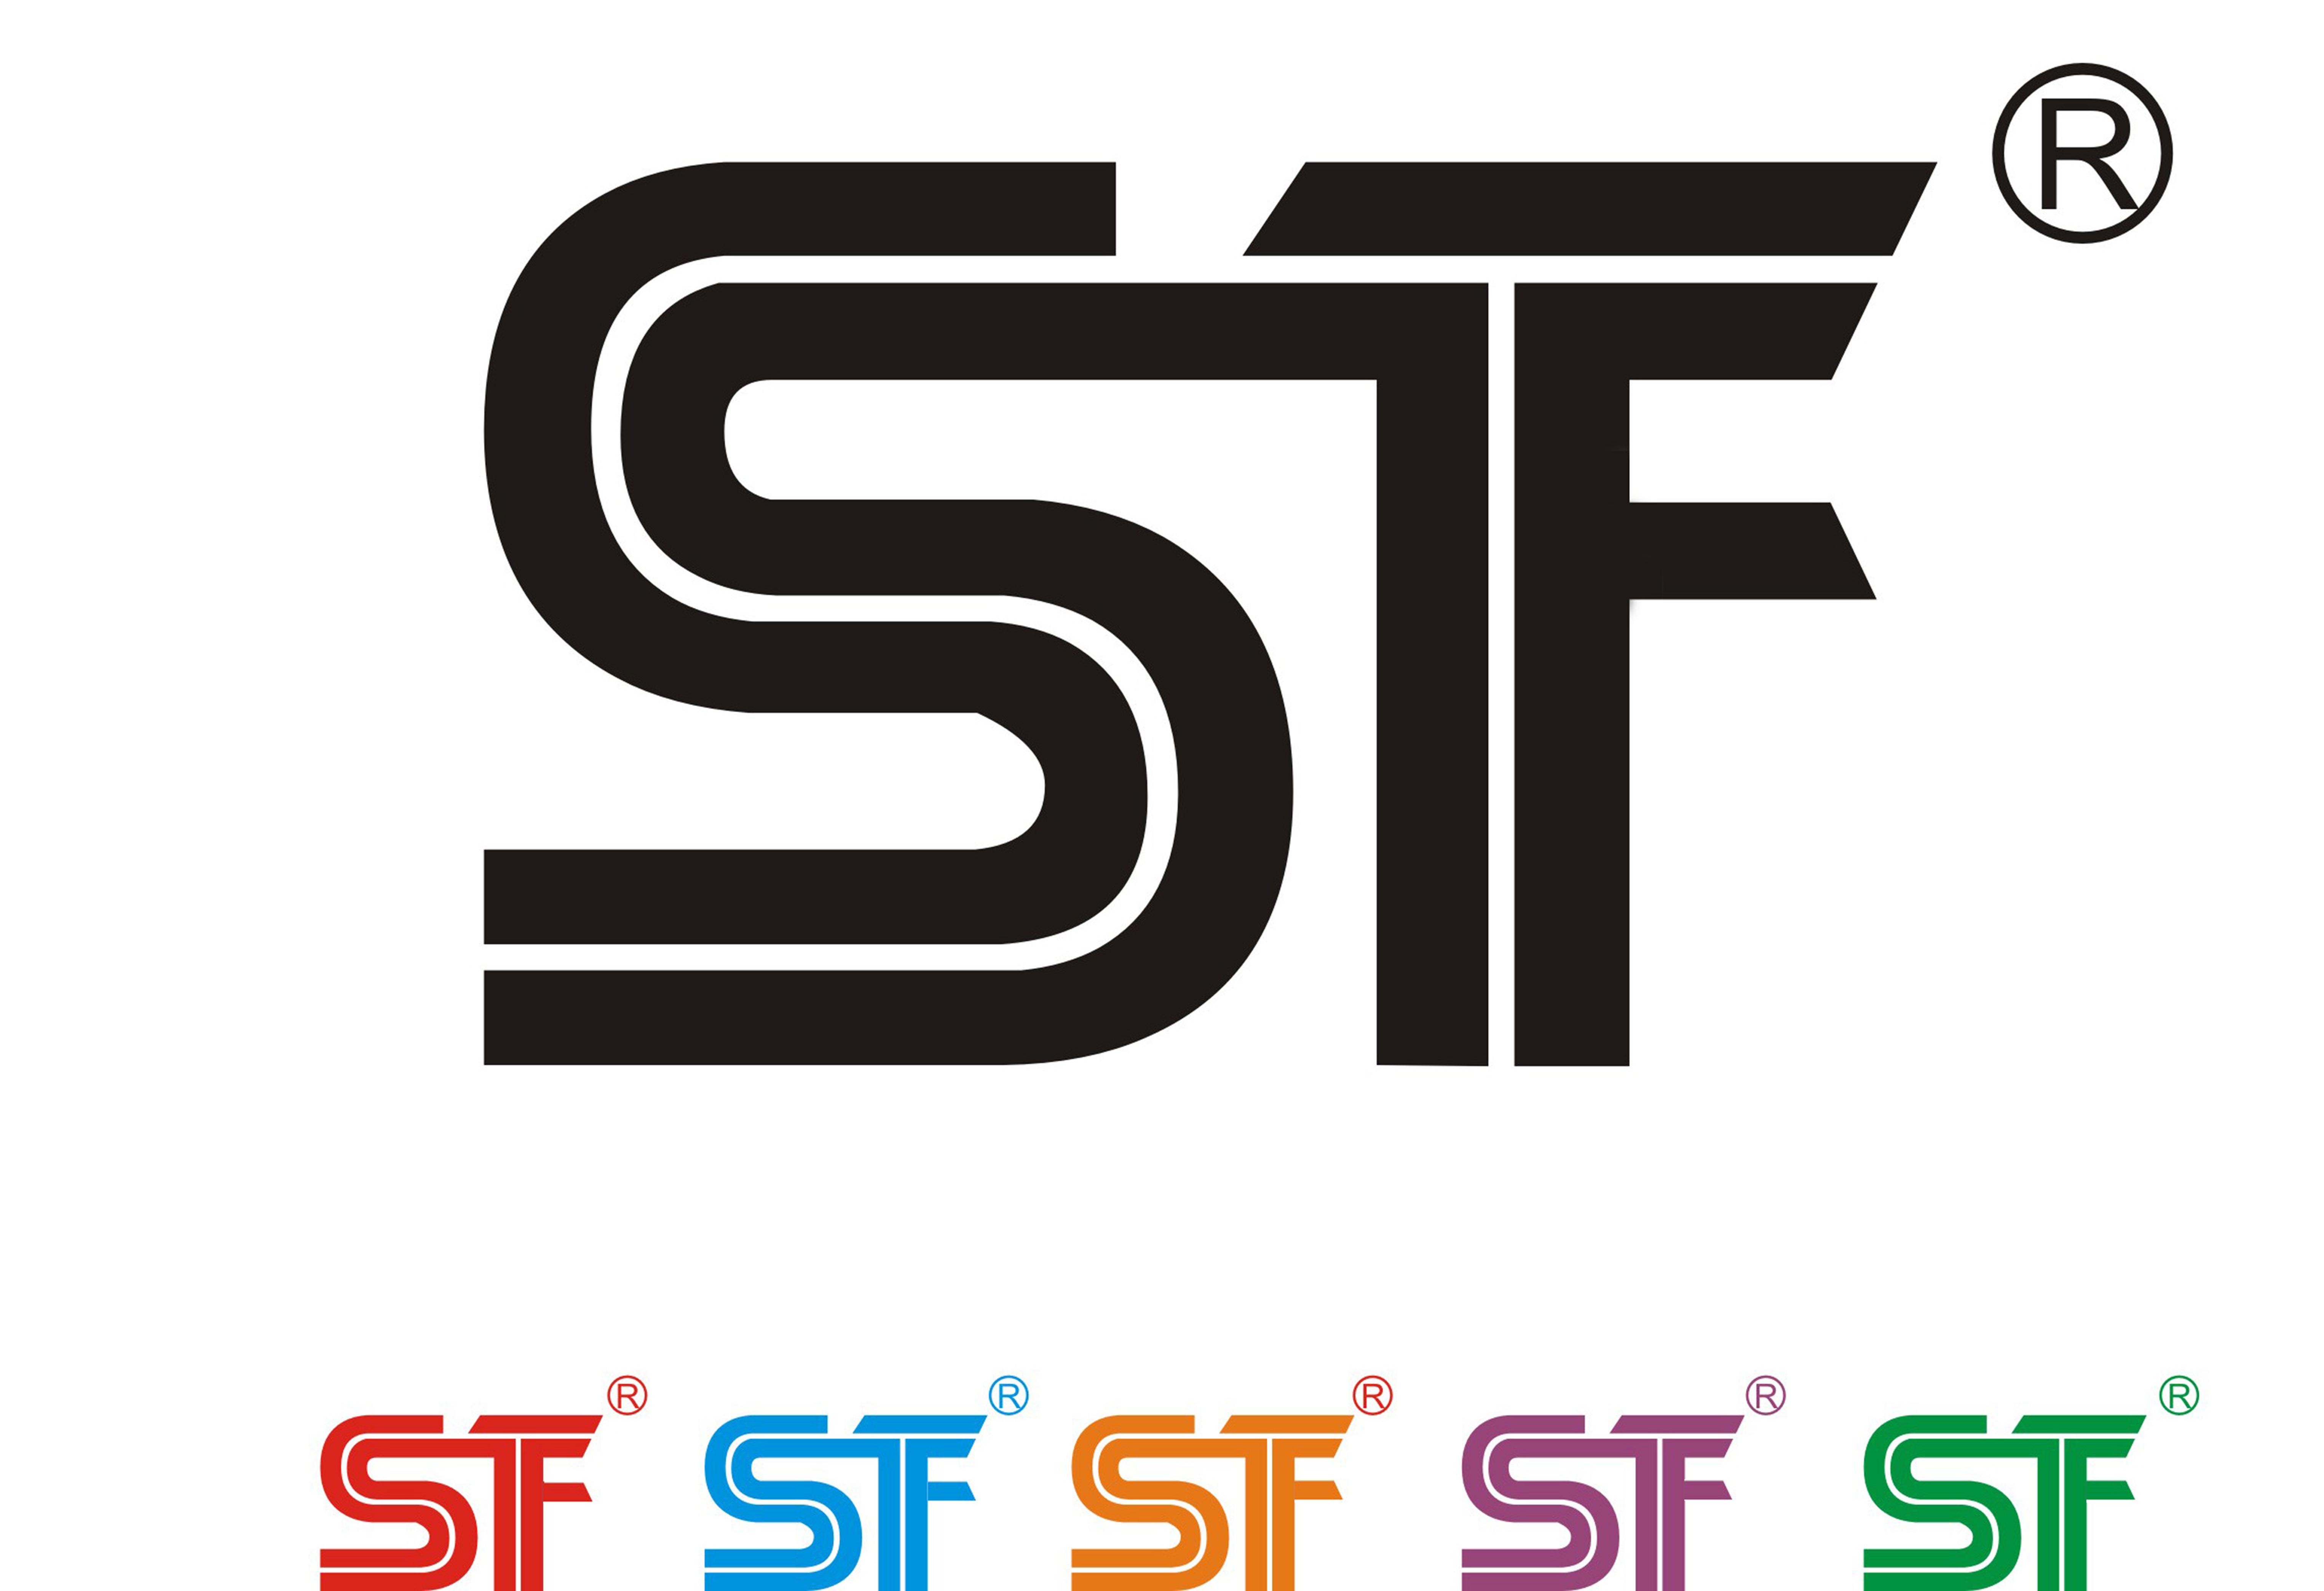 logo logo 标志 设计 矢量 矢量图 素材 图标 6104_4180